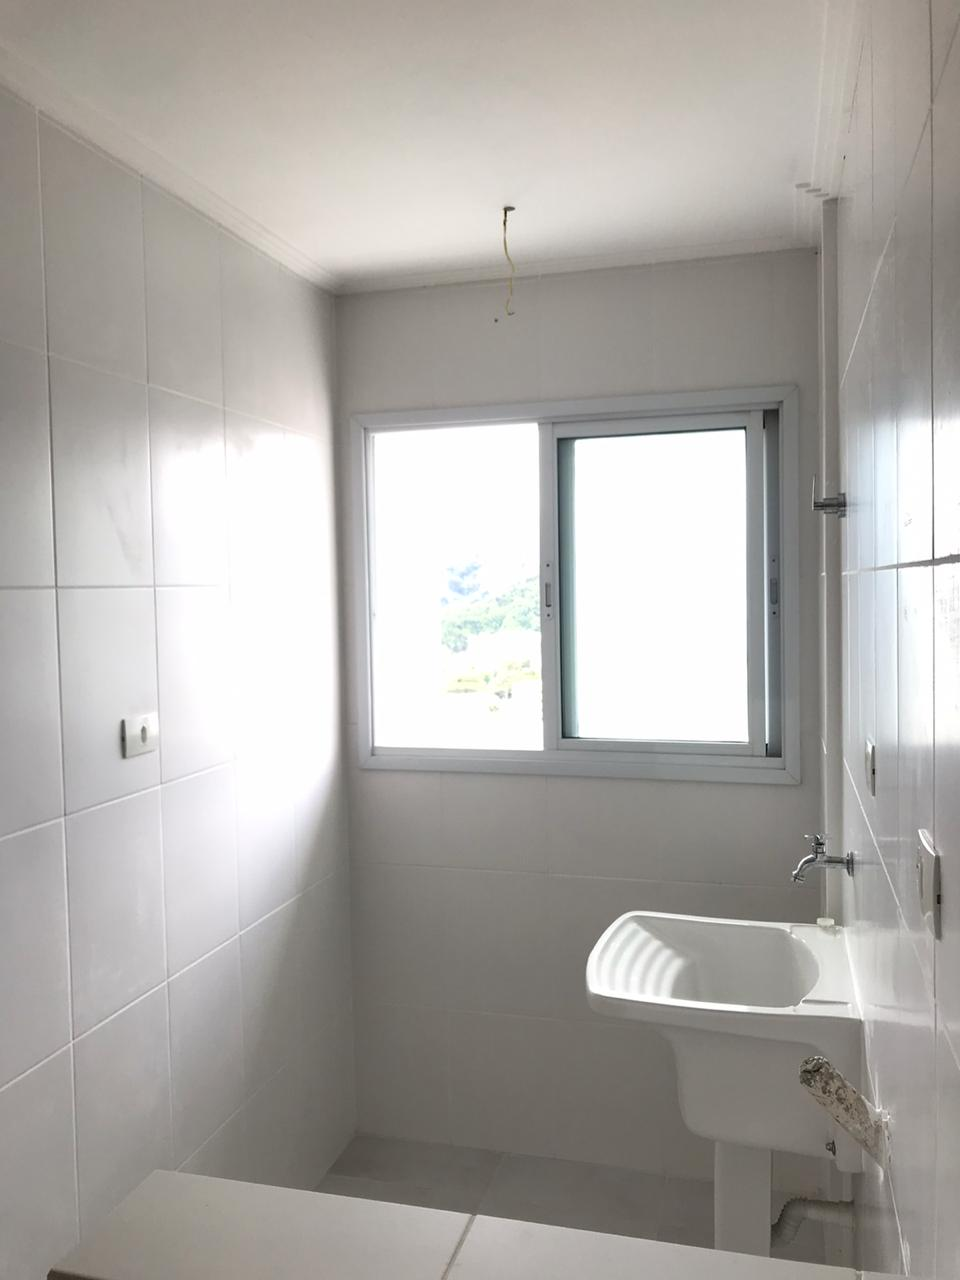 apartamento novo 2 dormitórios com 1 suite e uma varanda gourmet. - foto 1